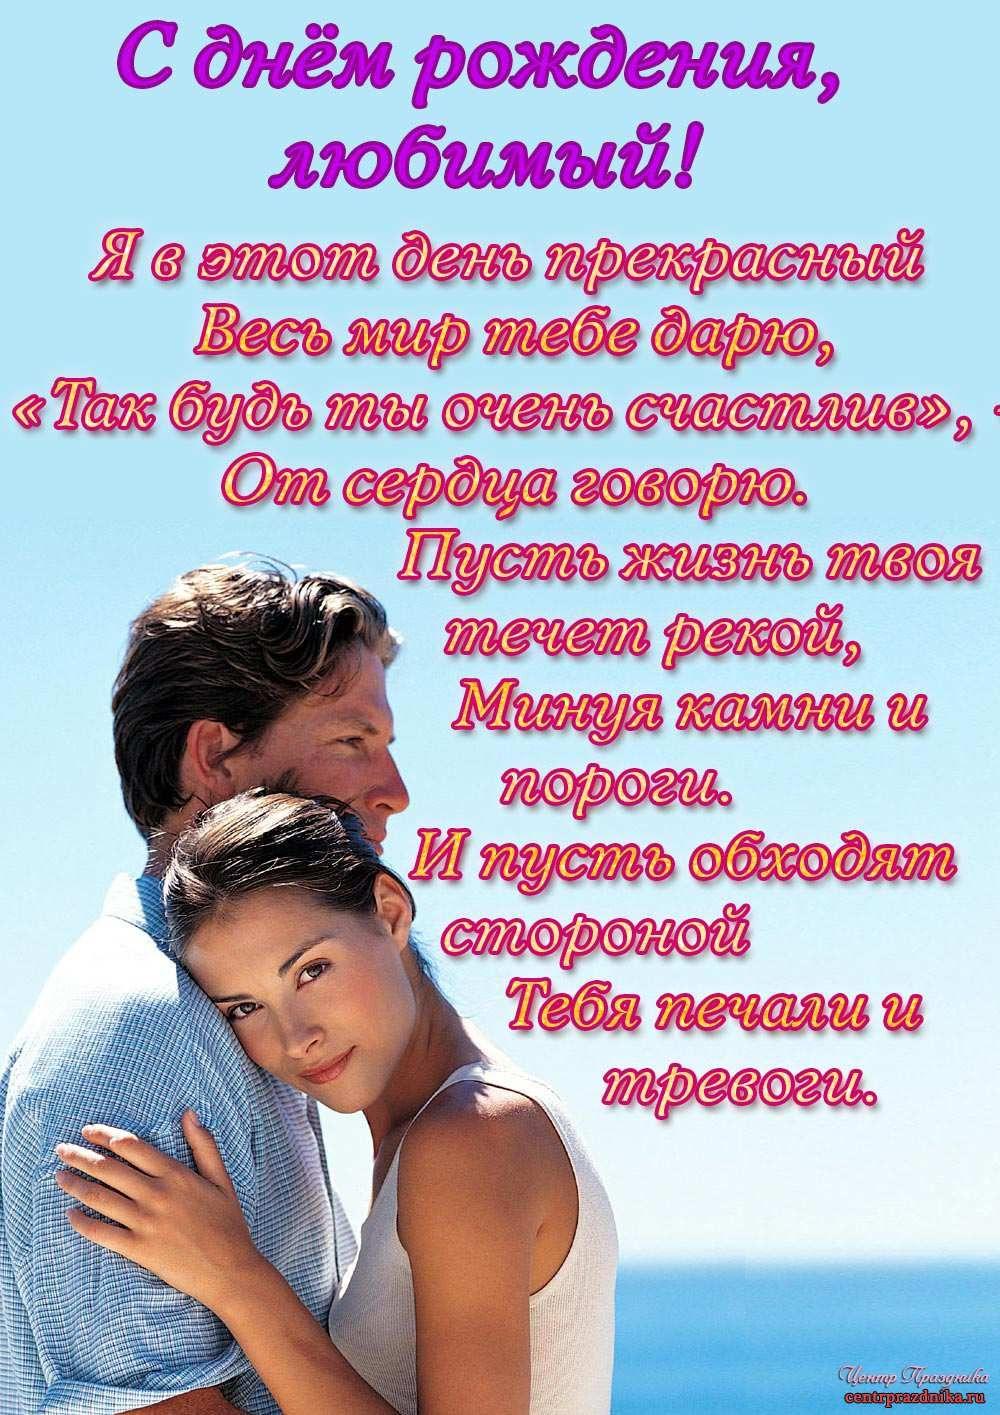 Pozdravleniya S Dnem Rozhdeniya Lyubimomu Muzhu S Dnem Rozhdeniya V Proze